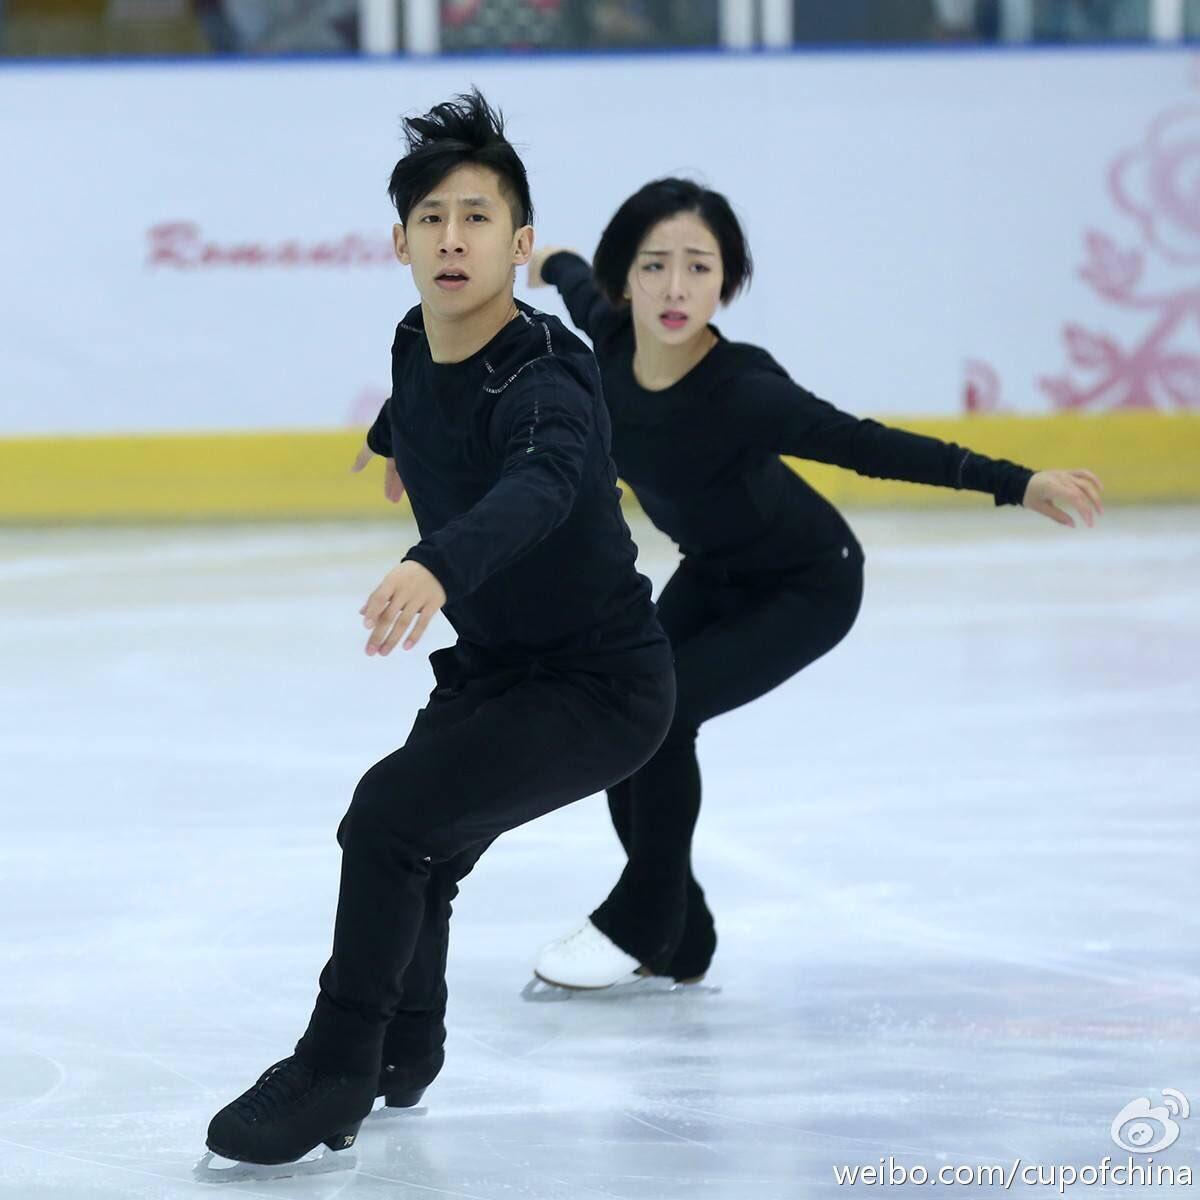 Вэньцзин Суй - Цун Хань / Wenjing SUI - Cong HAN CHN - Страница 3 CxEhIjBUUAE1HID